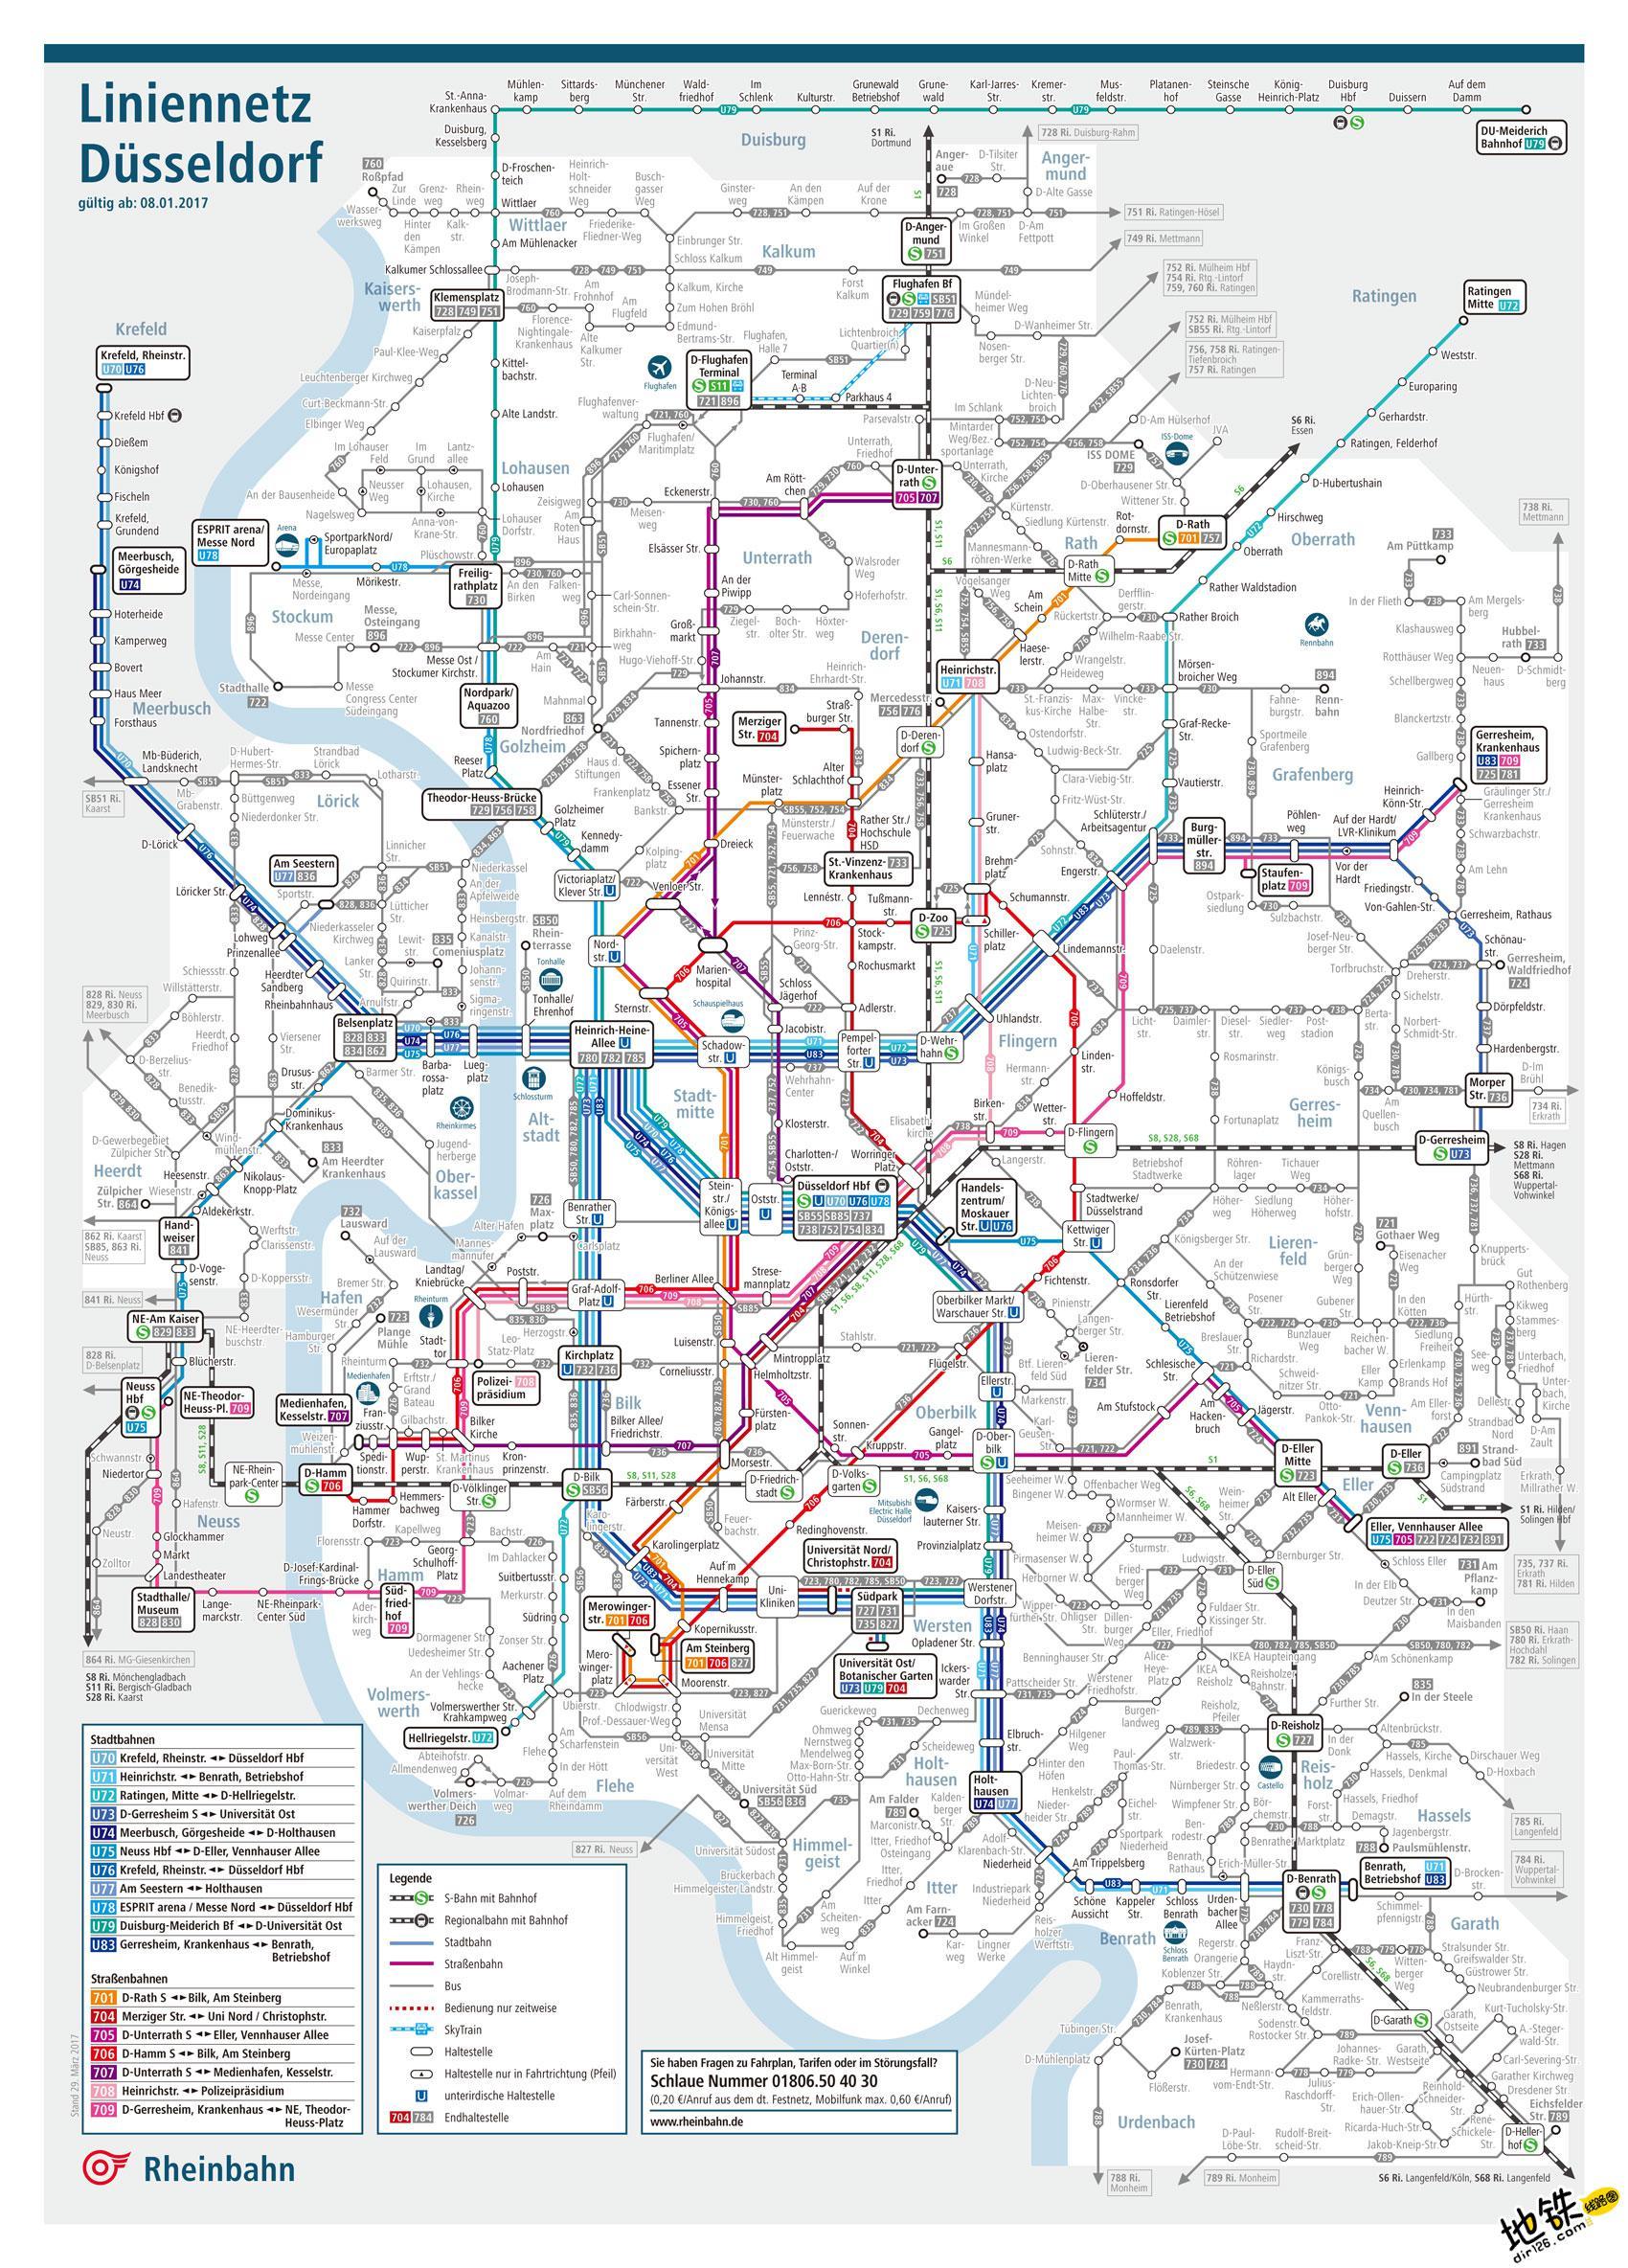 德国杜塞尔多夫地铁线路图 运营时间票价站点 查询下载 杜塞尔多夫地铁票价查询 杜塞尔多夫地铁运营时间 杜塞尔多夫地铁线路图 杜塞尔多夫地铁 德国杜塞尔多夫地铁 德国地铁线路图  第2张